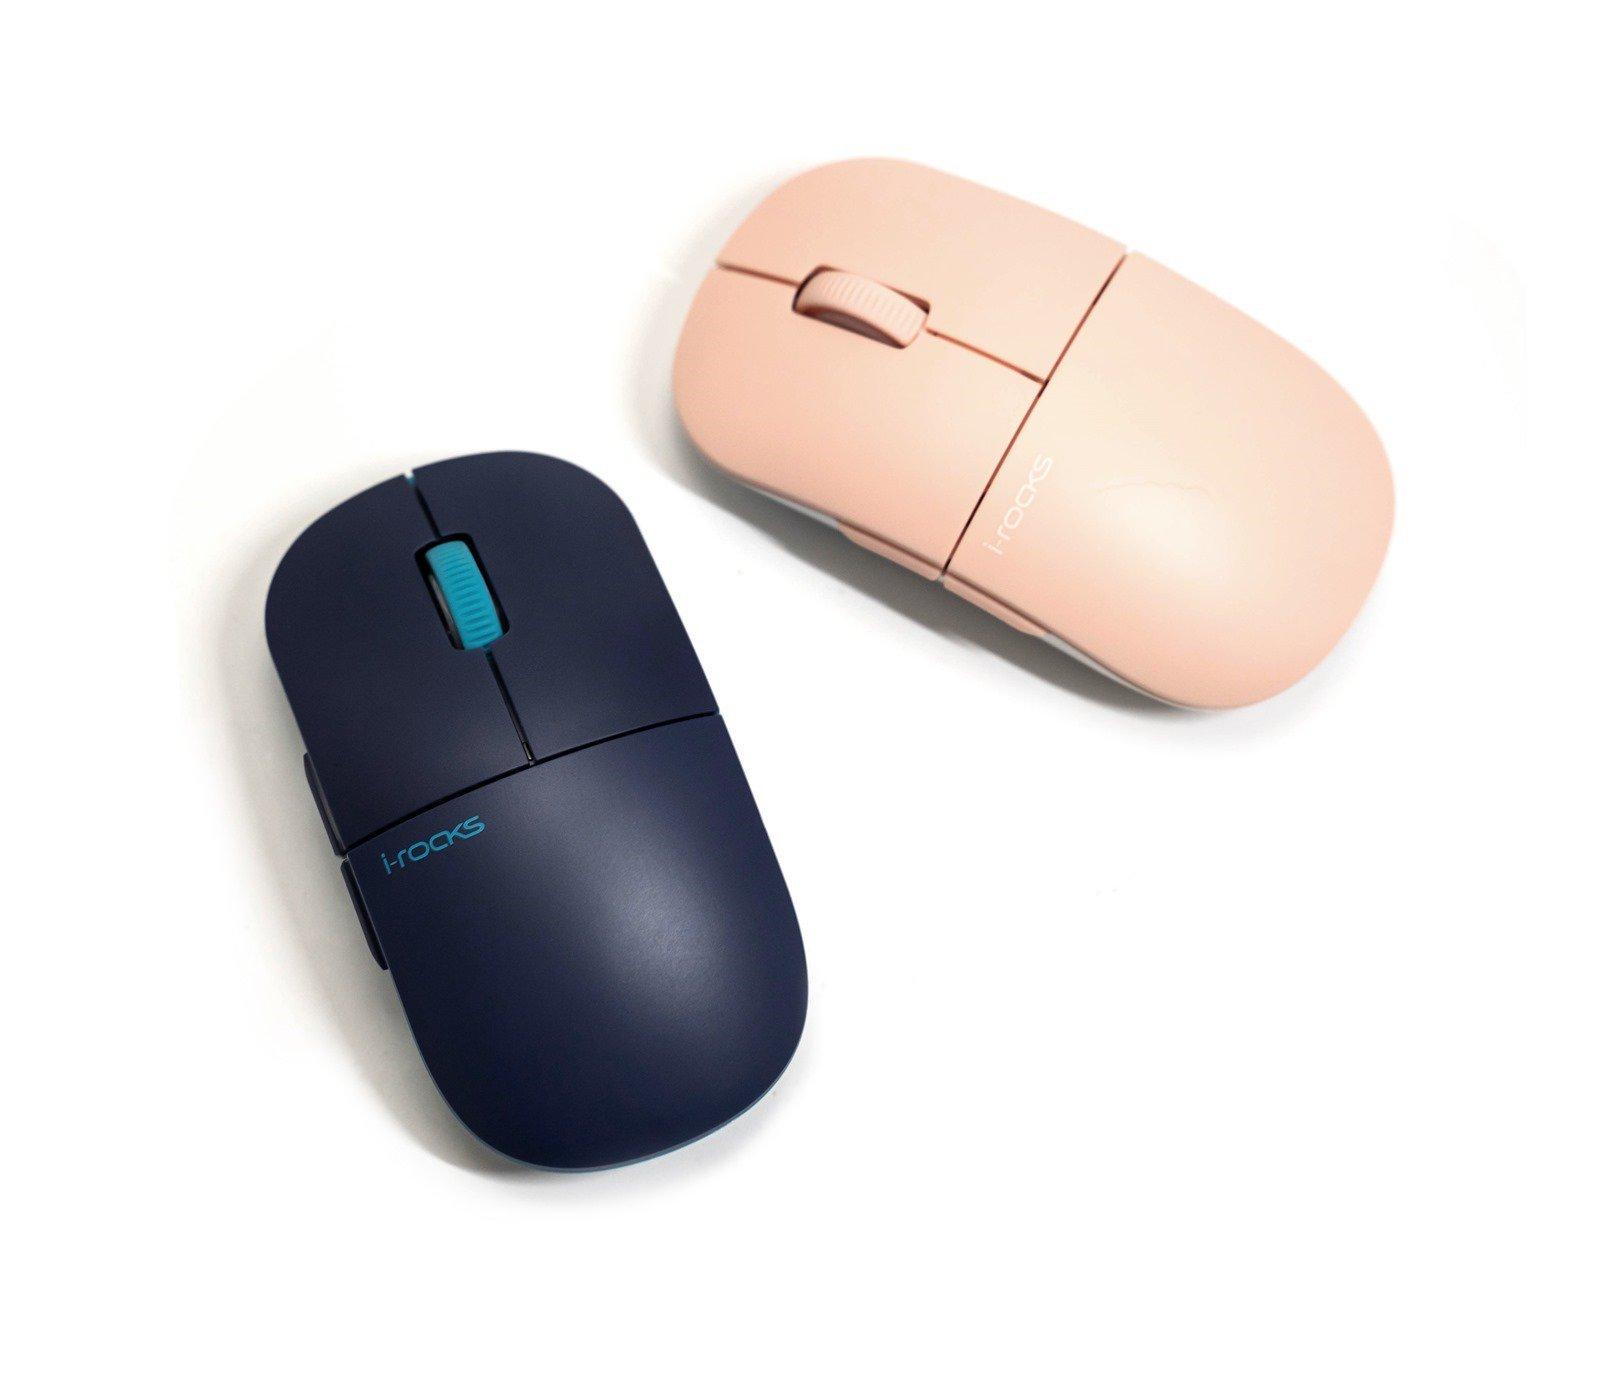 【開箱】i-rocks M23R靜音無線滑鼠 – 30 分貝的靜音、自由切換 Dpi